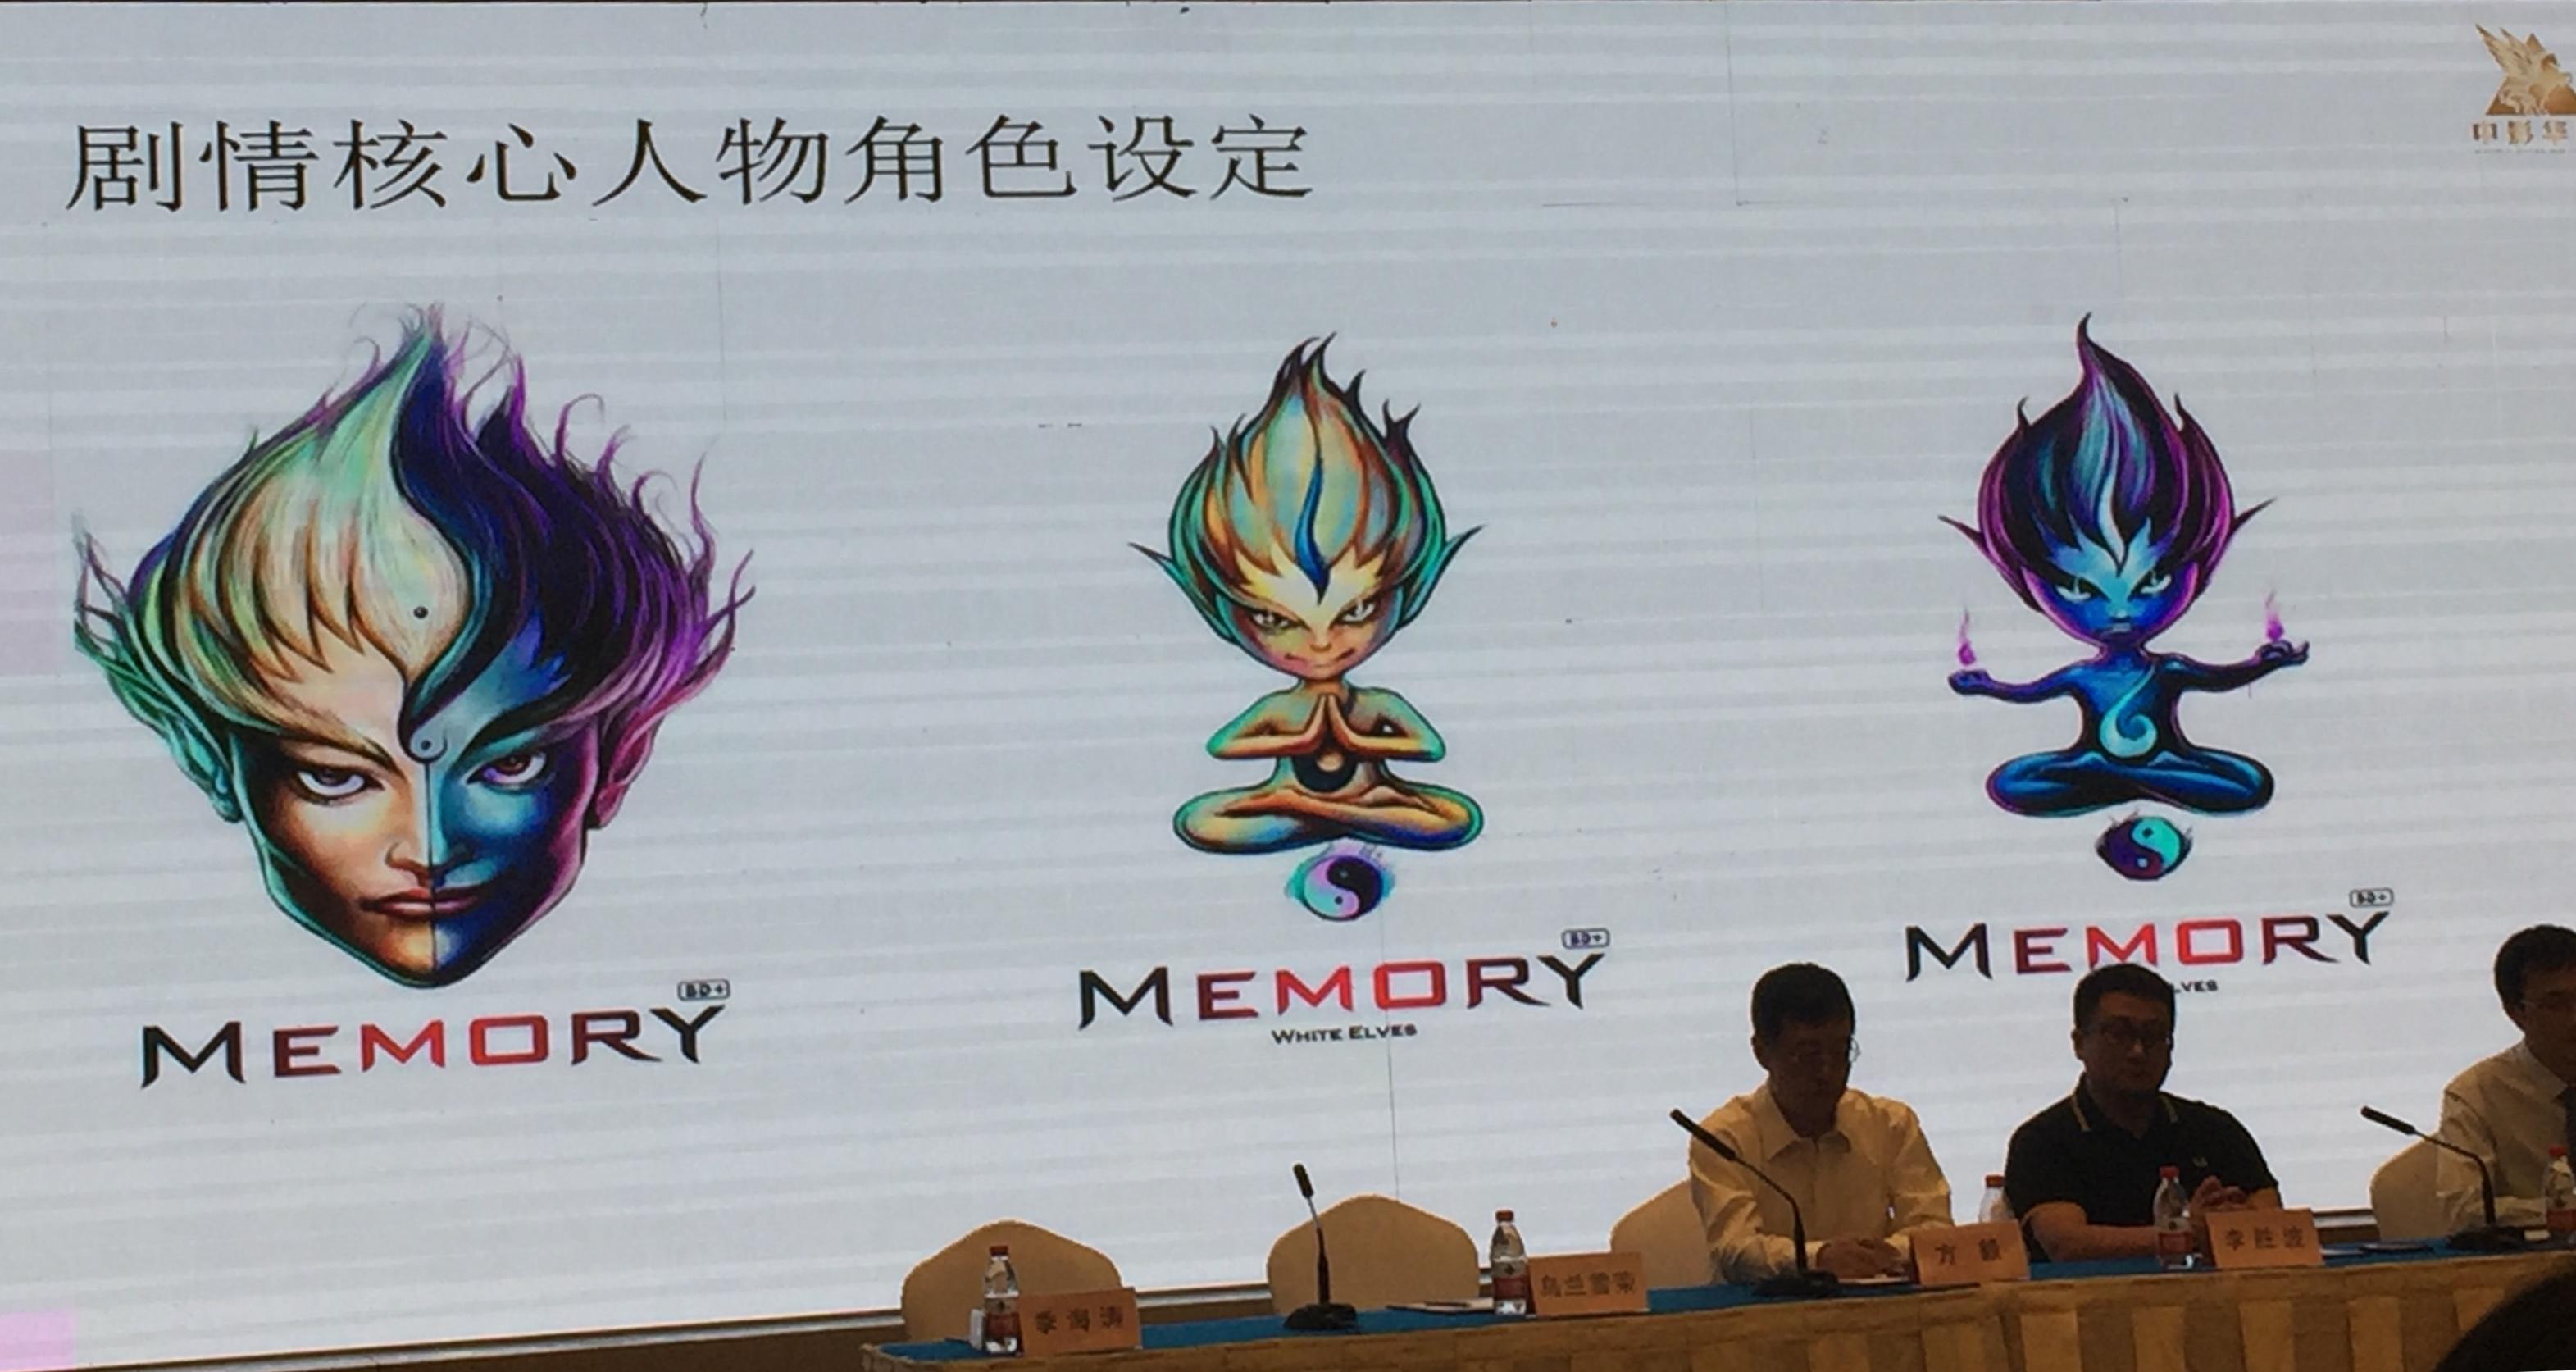 《五维记忆》团队开发布会维权  指《哪吒》涉嫌抄袭